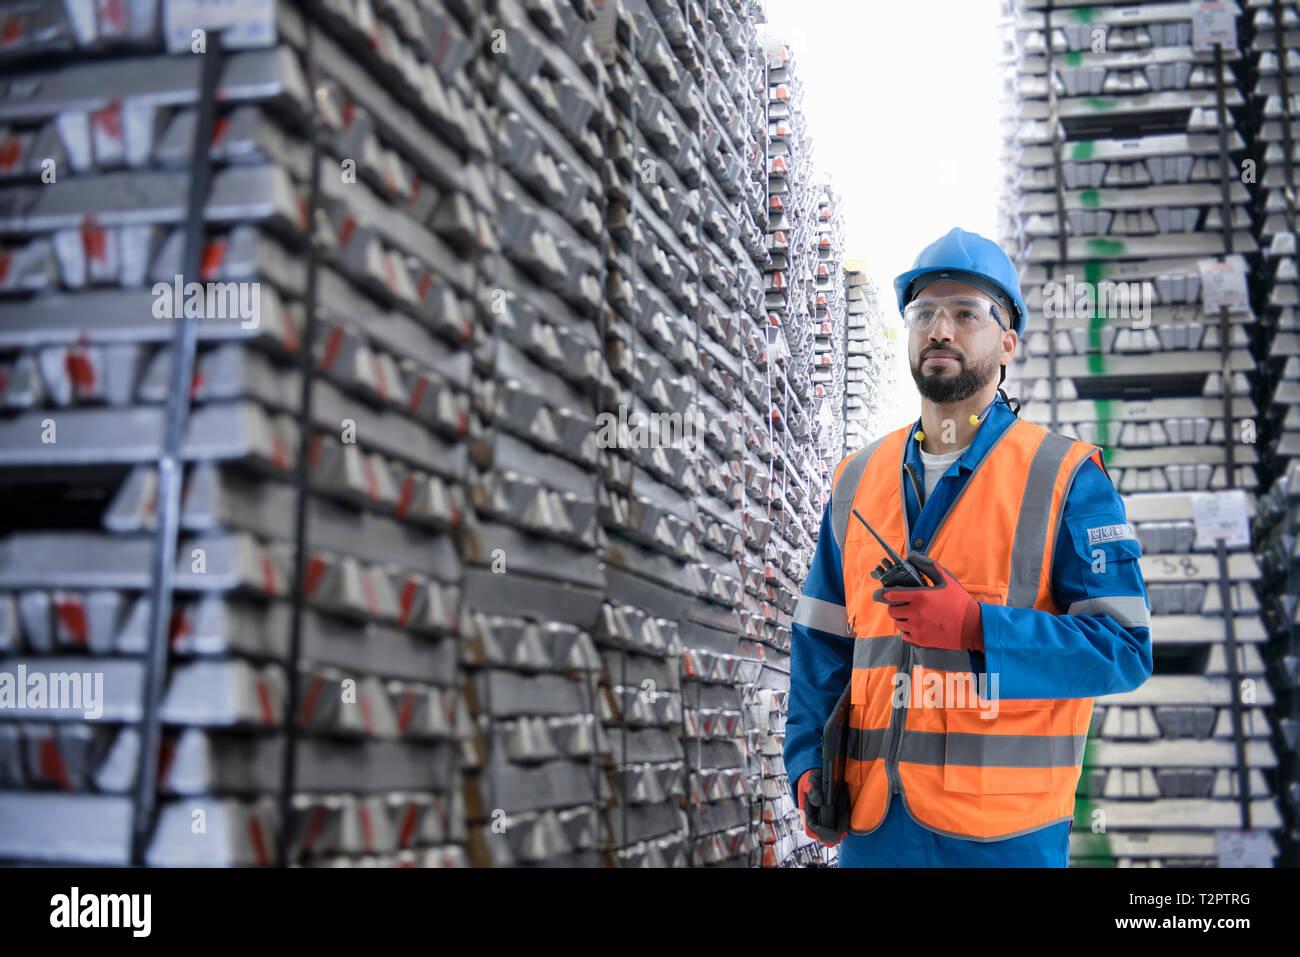 Immagine composita del lavoratore con lingotti di metallo Immagini Stock